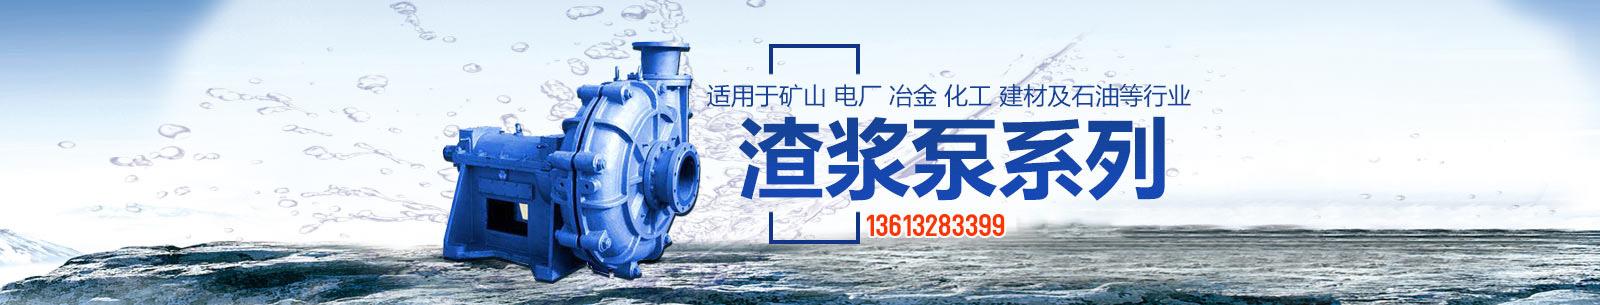 河北鑫工泵业有限公司